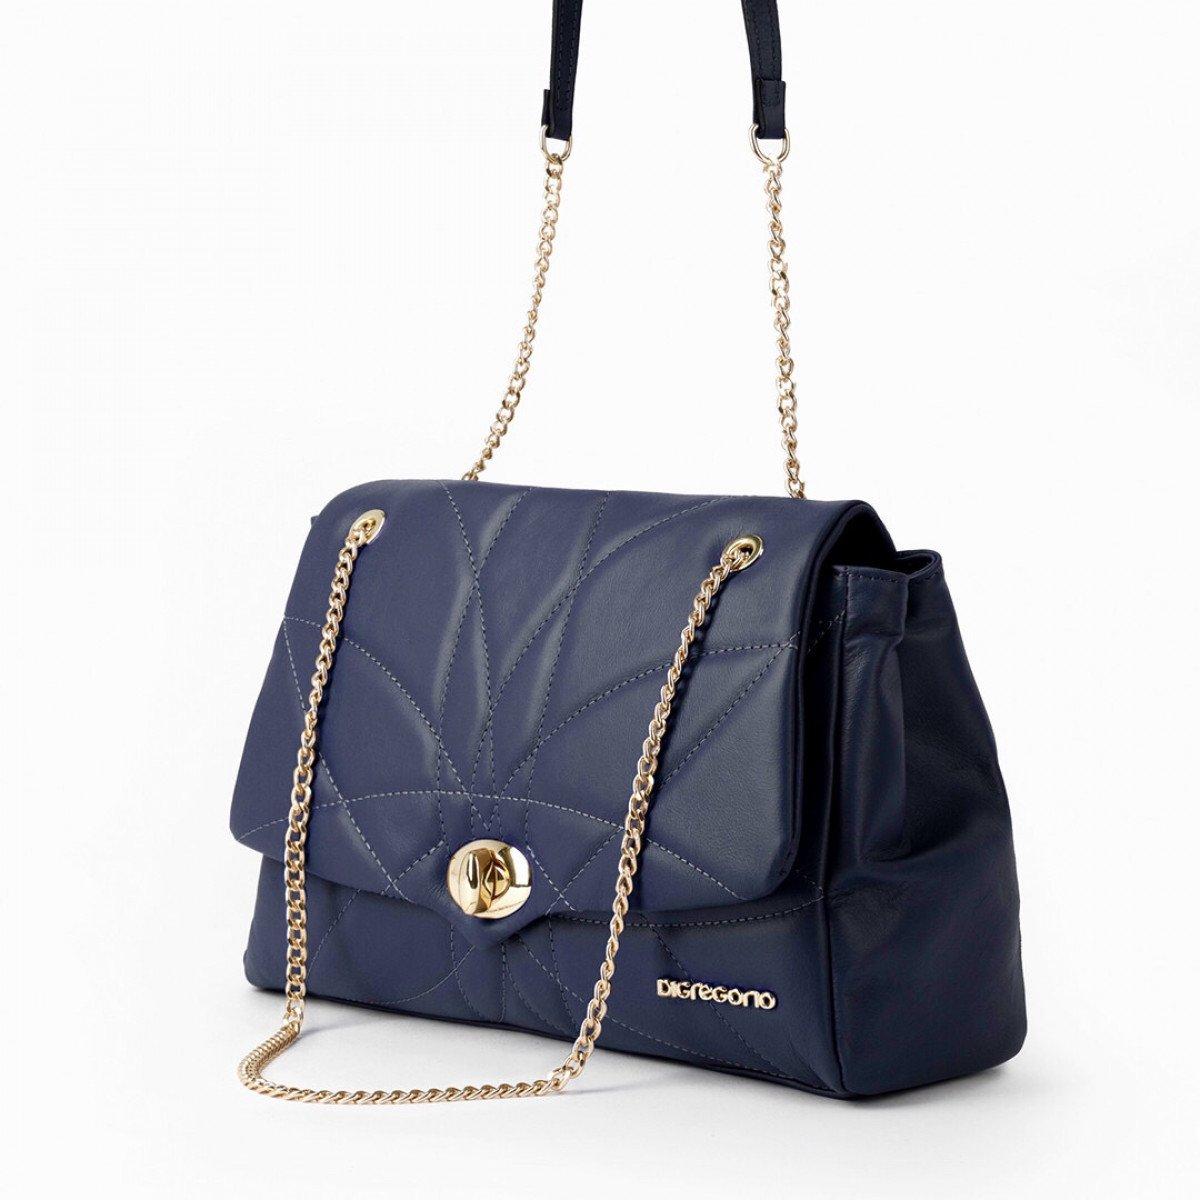 Женская кожаная сумка Di Gregorio 8847 DGR BLU из натуральной кожи